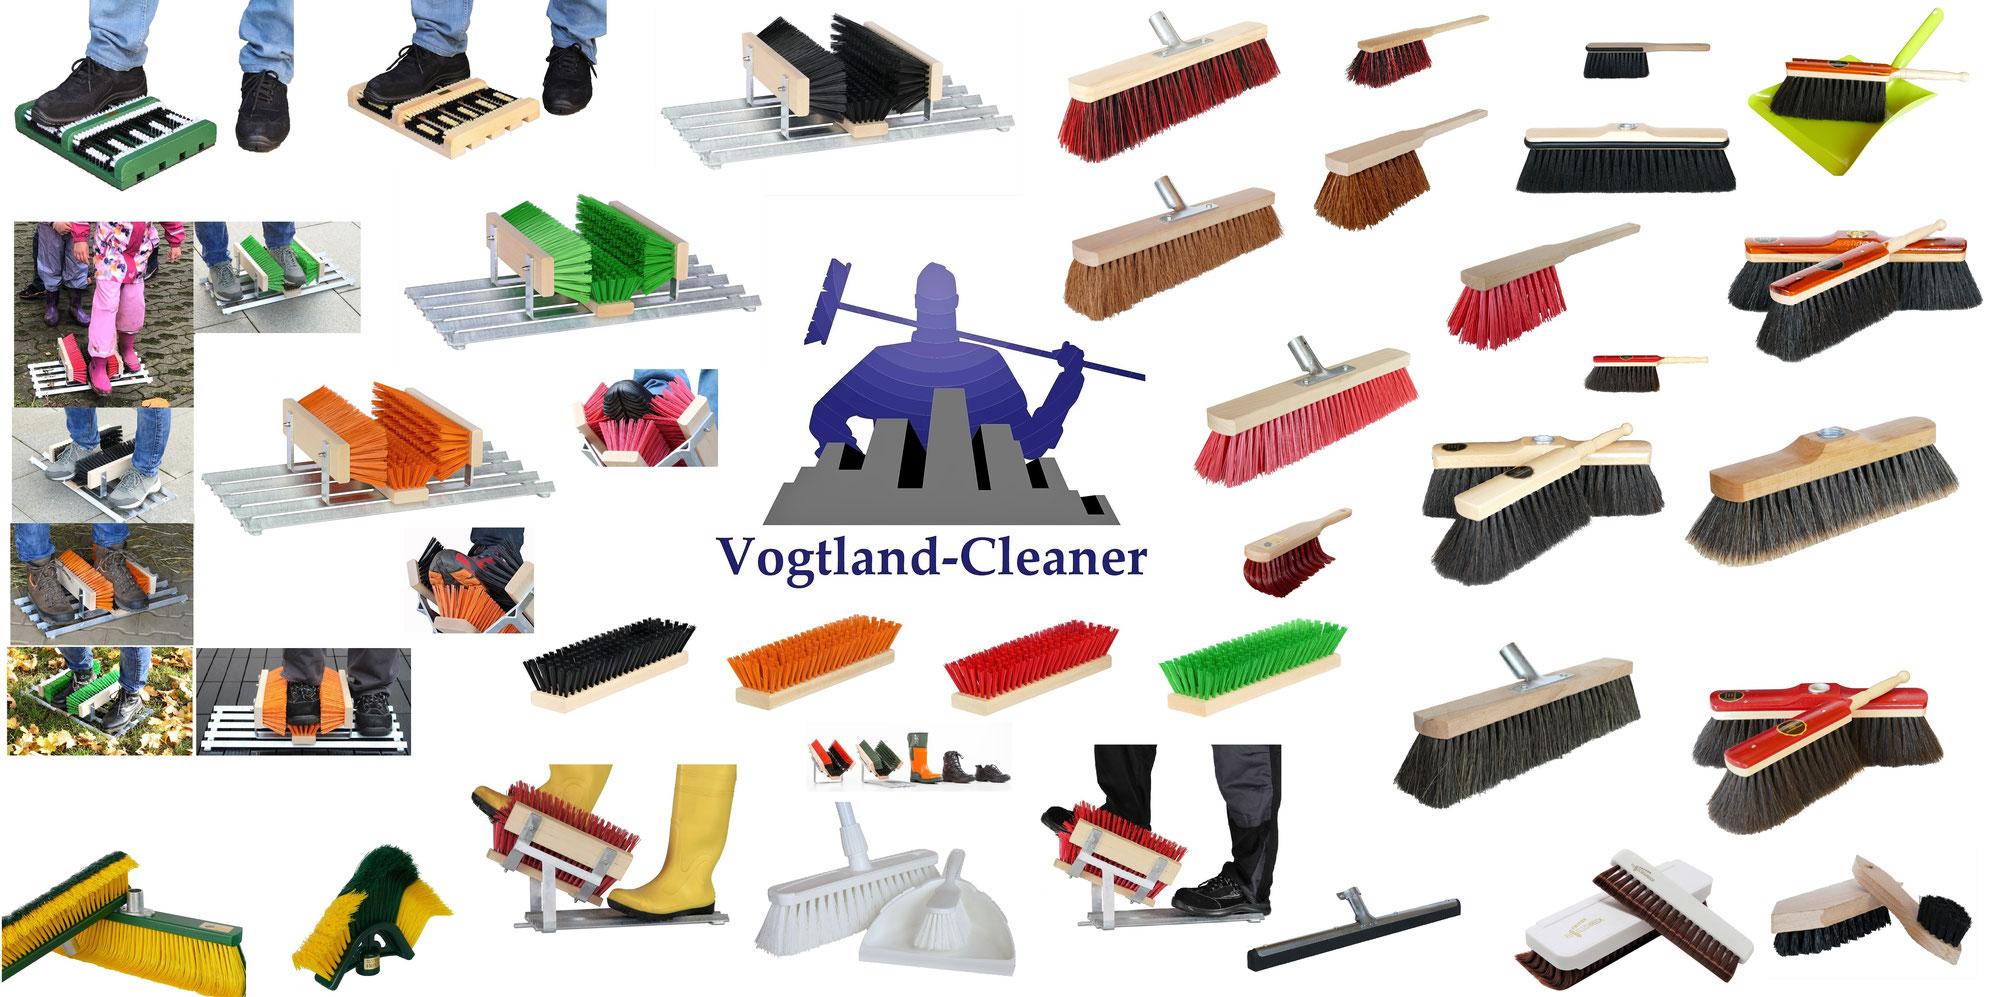 Vogtland Cleaner